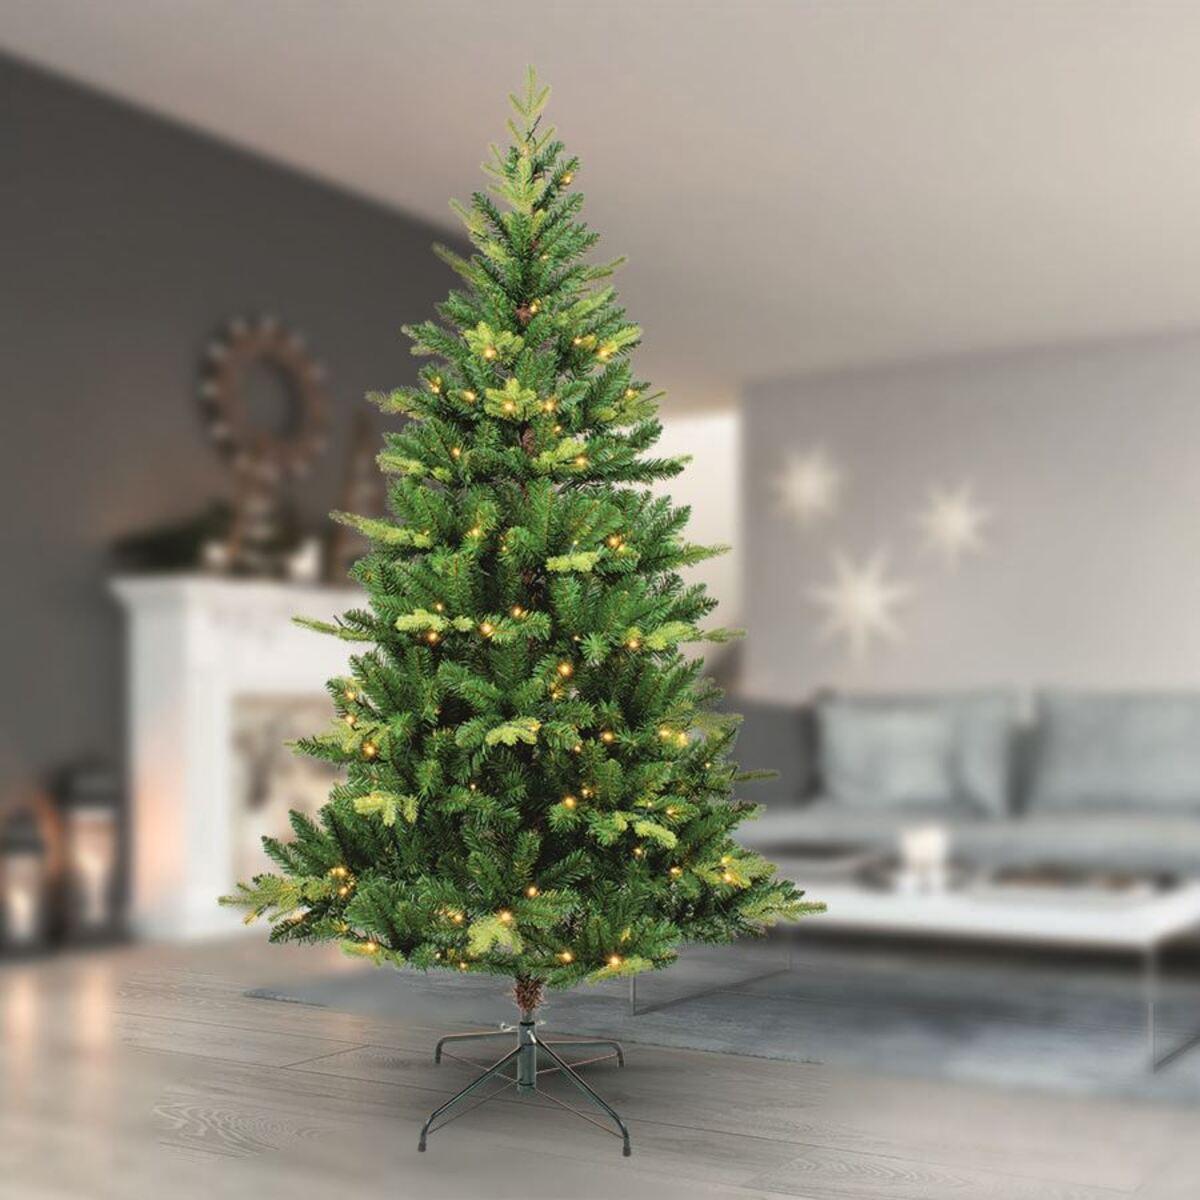 Bild 1 von Künstlicher Weihnachtsbaum mit 200 LED-Lichterkette 180cm